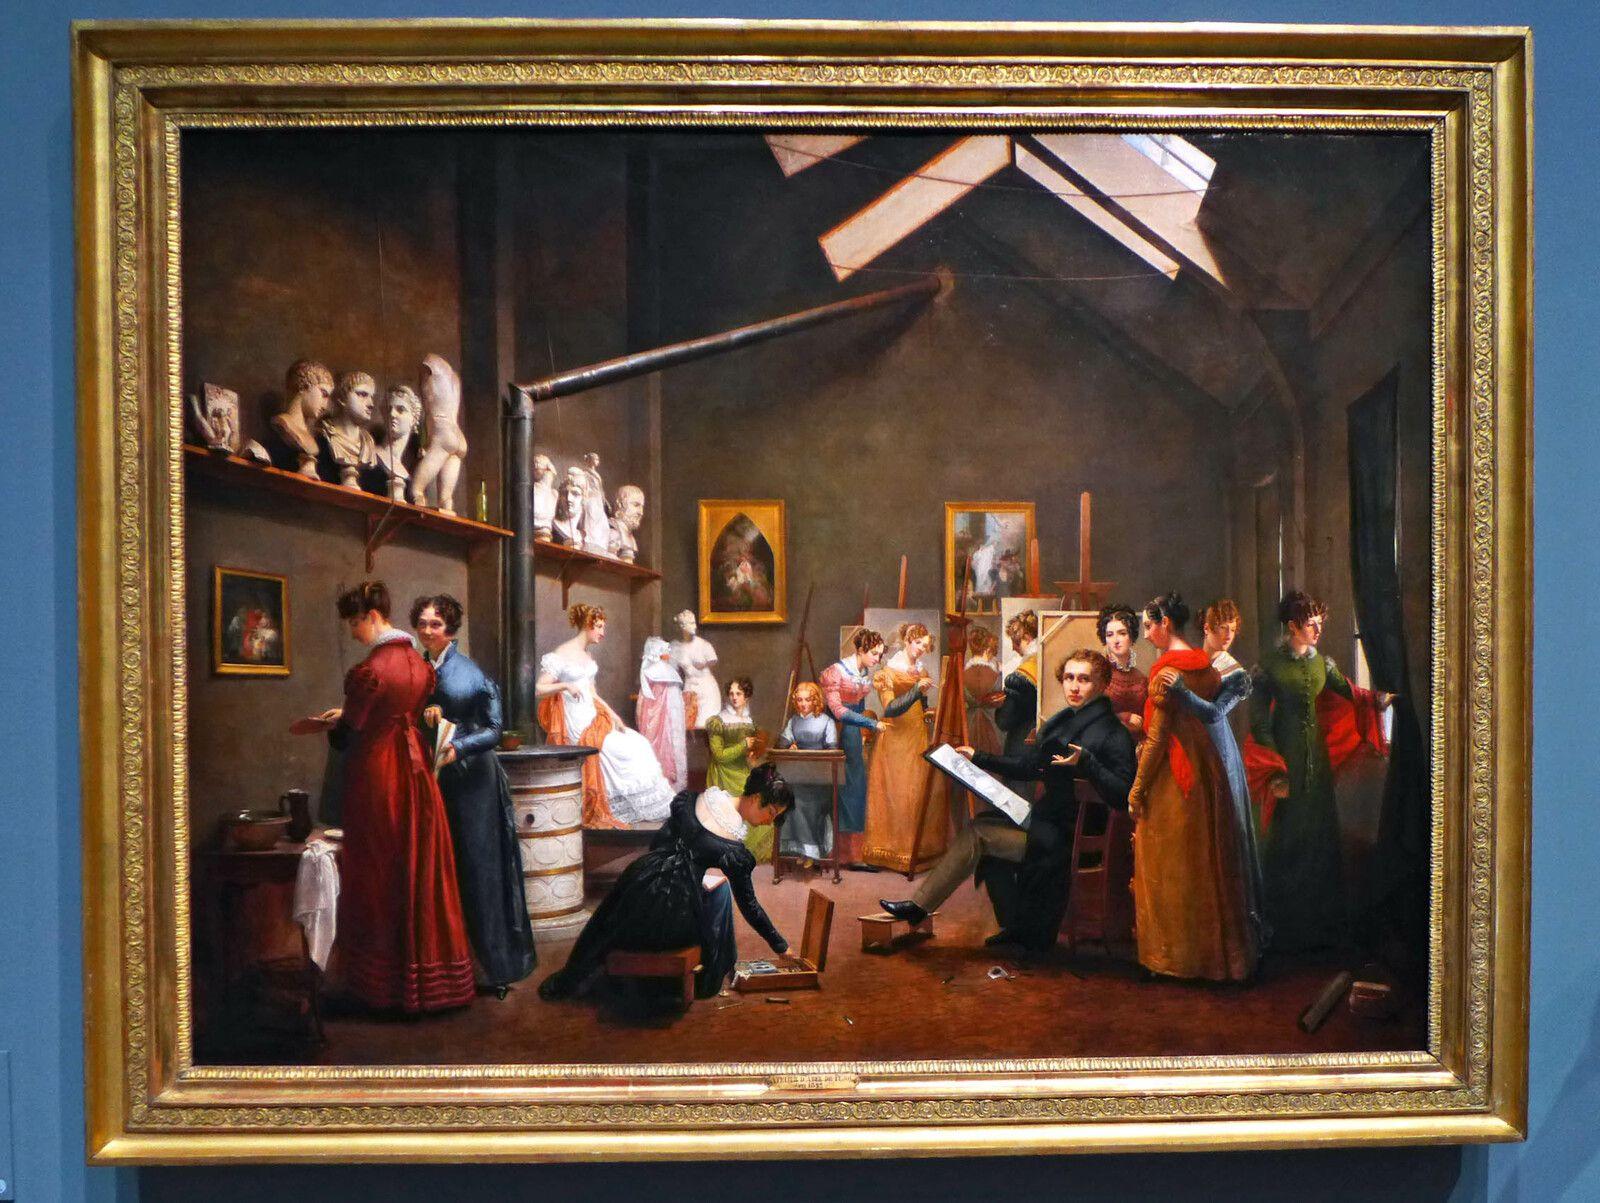 Adrienne-Marie-Louise GRANDPIERRE-DEVERZY épouse PUJOL (1798-1865), L'Atelier d'Abel de PUJOL (1822), huile sur toile. France, Paris, musée Marmottan-Monet.